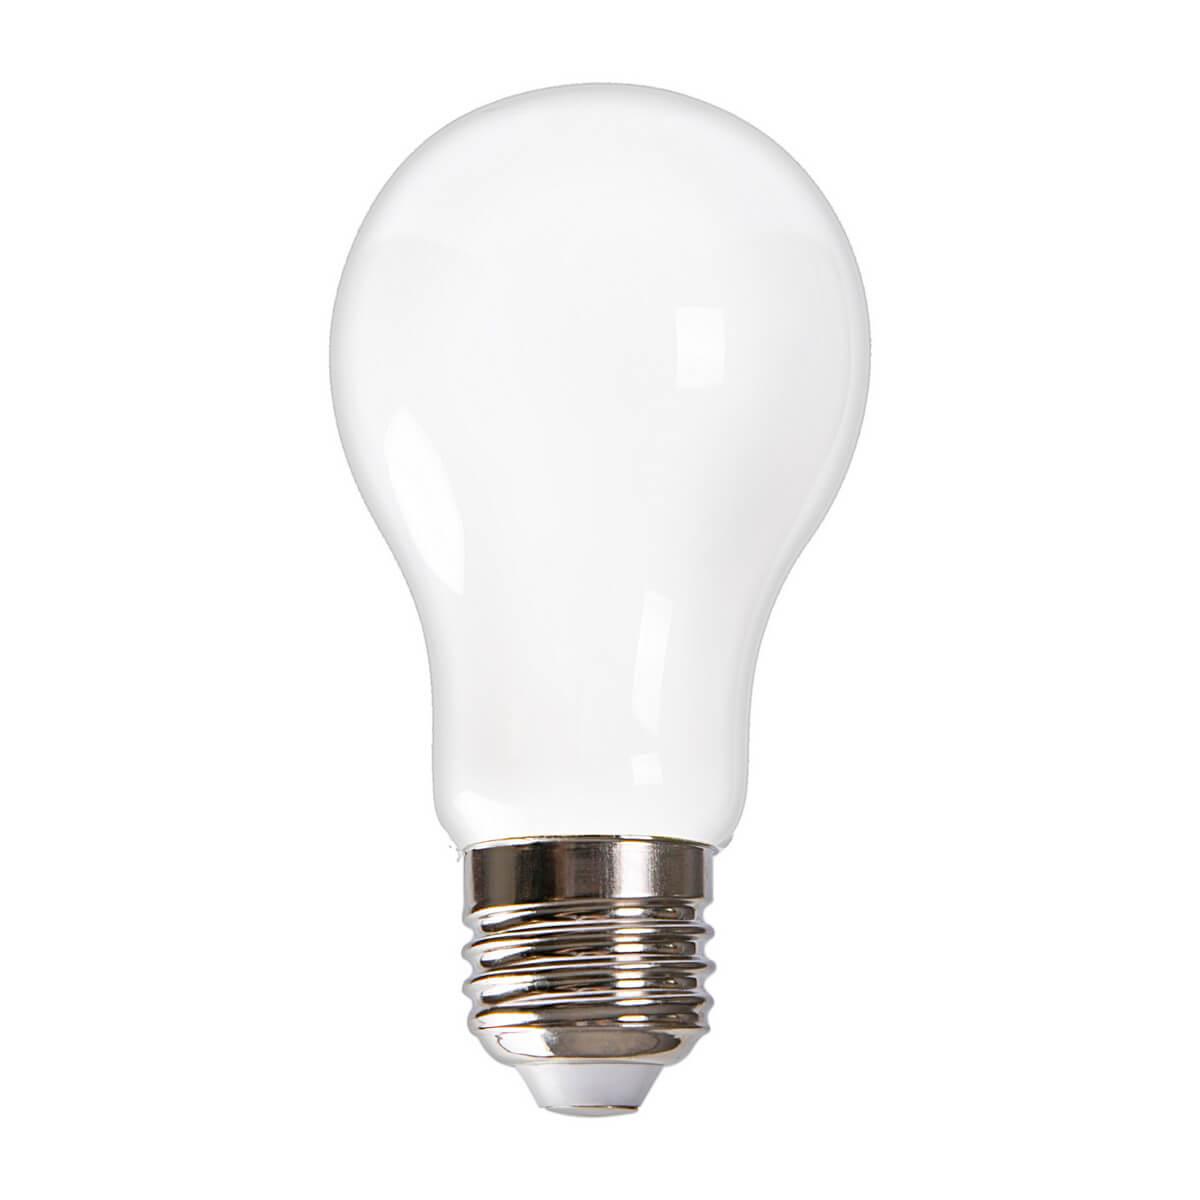 цена Лампочка Volpe LED-A60-7W/4000K/E27/FR GLH01WH Heaven LED-A60 онлайн в 2017 году